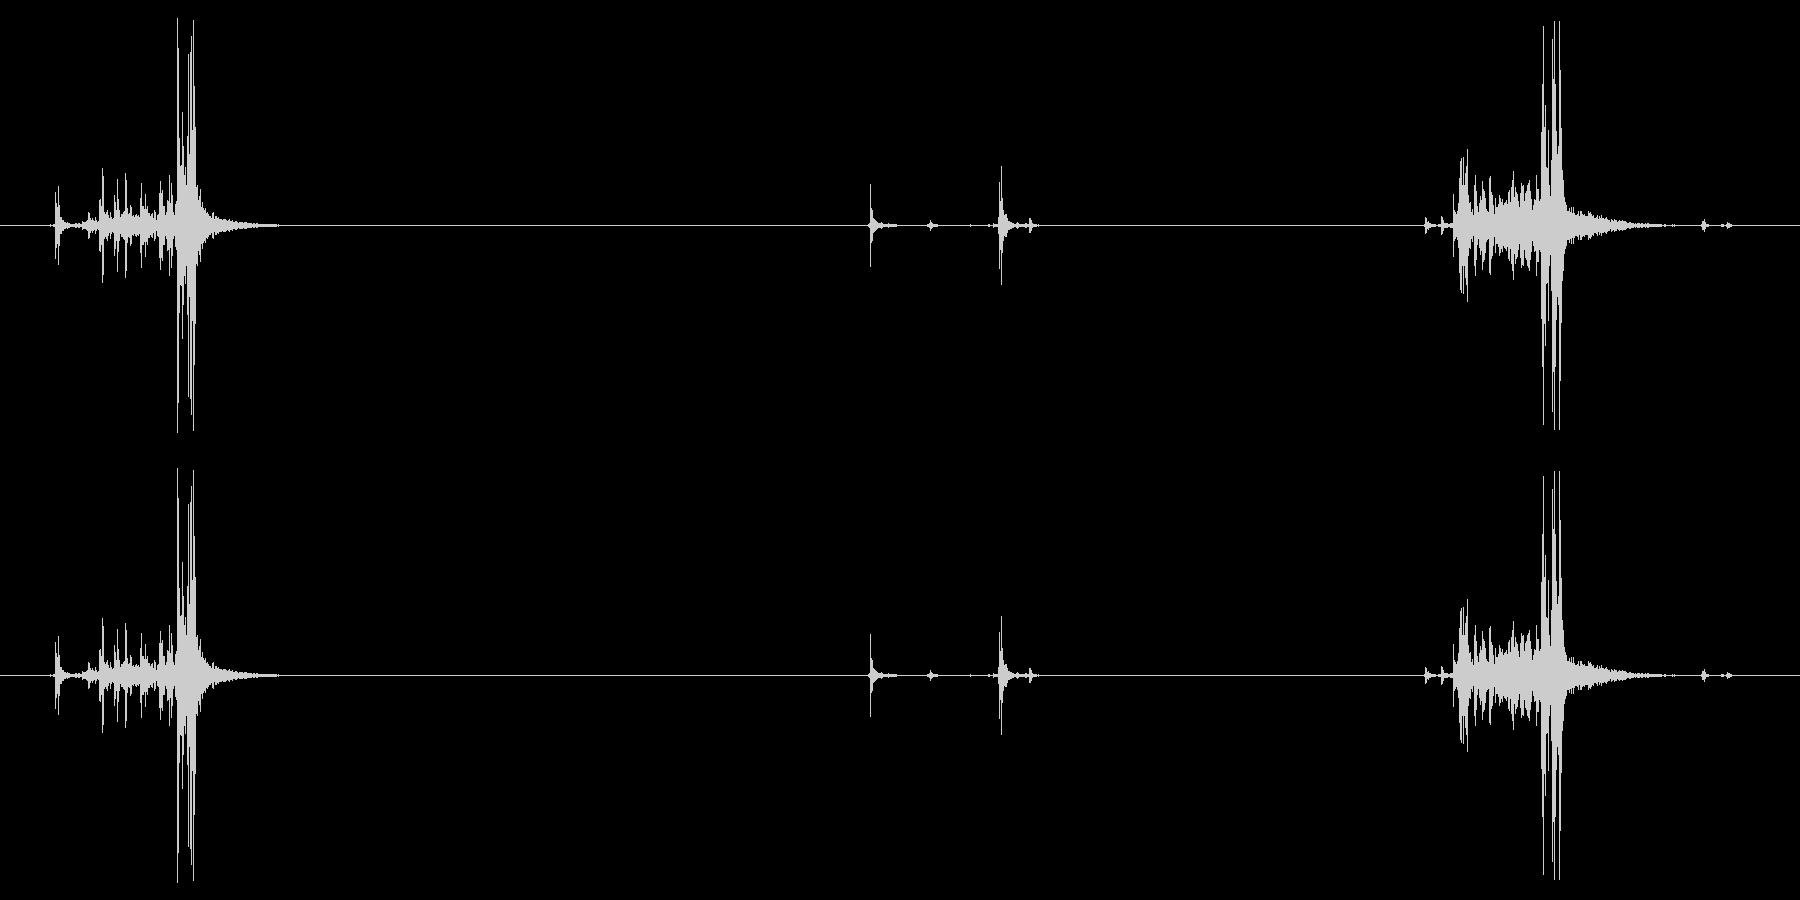 12ゲージショットガン:オープンチ...の未再生の波形